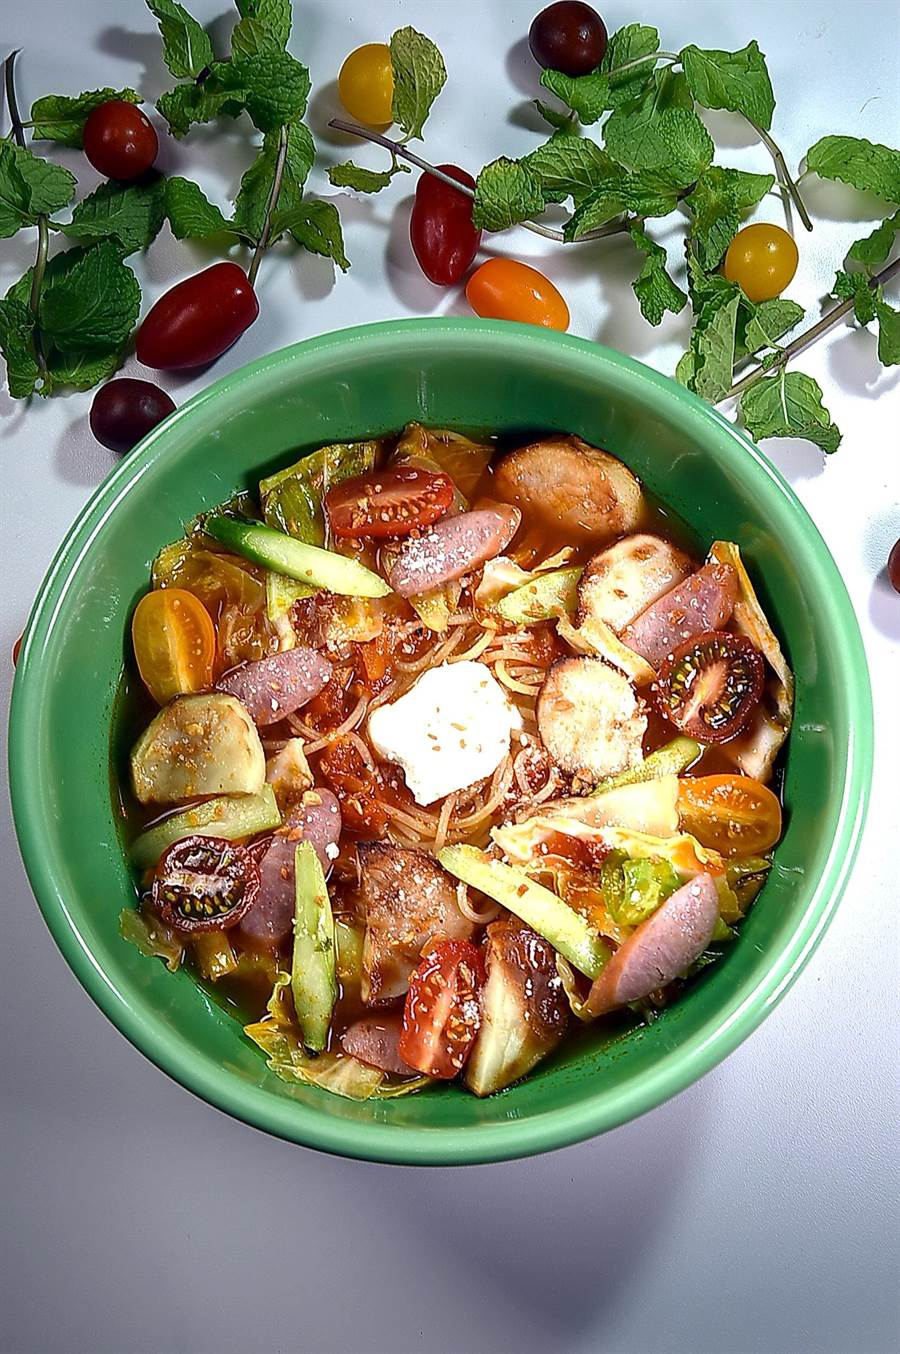 為慶祝新店開業,〈SPIGA PASTA石壁家〉3家連鎖門市同步推出「義大利湯麵」,圖為〈德腸野菜起司番茄湯麵〉。(圖/姚舜)